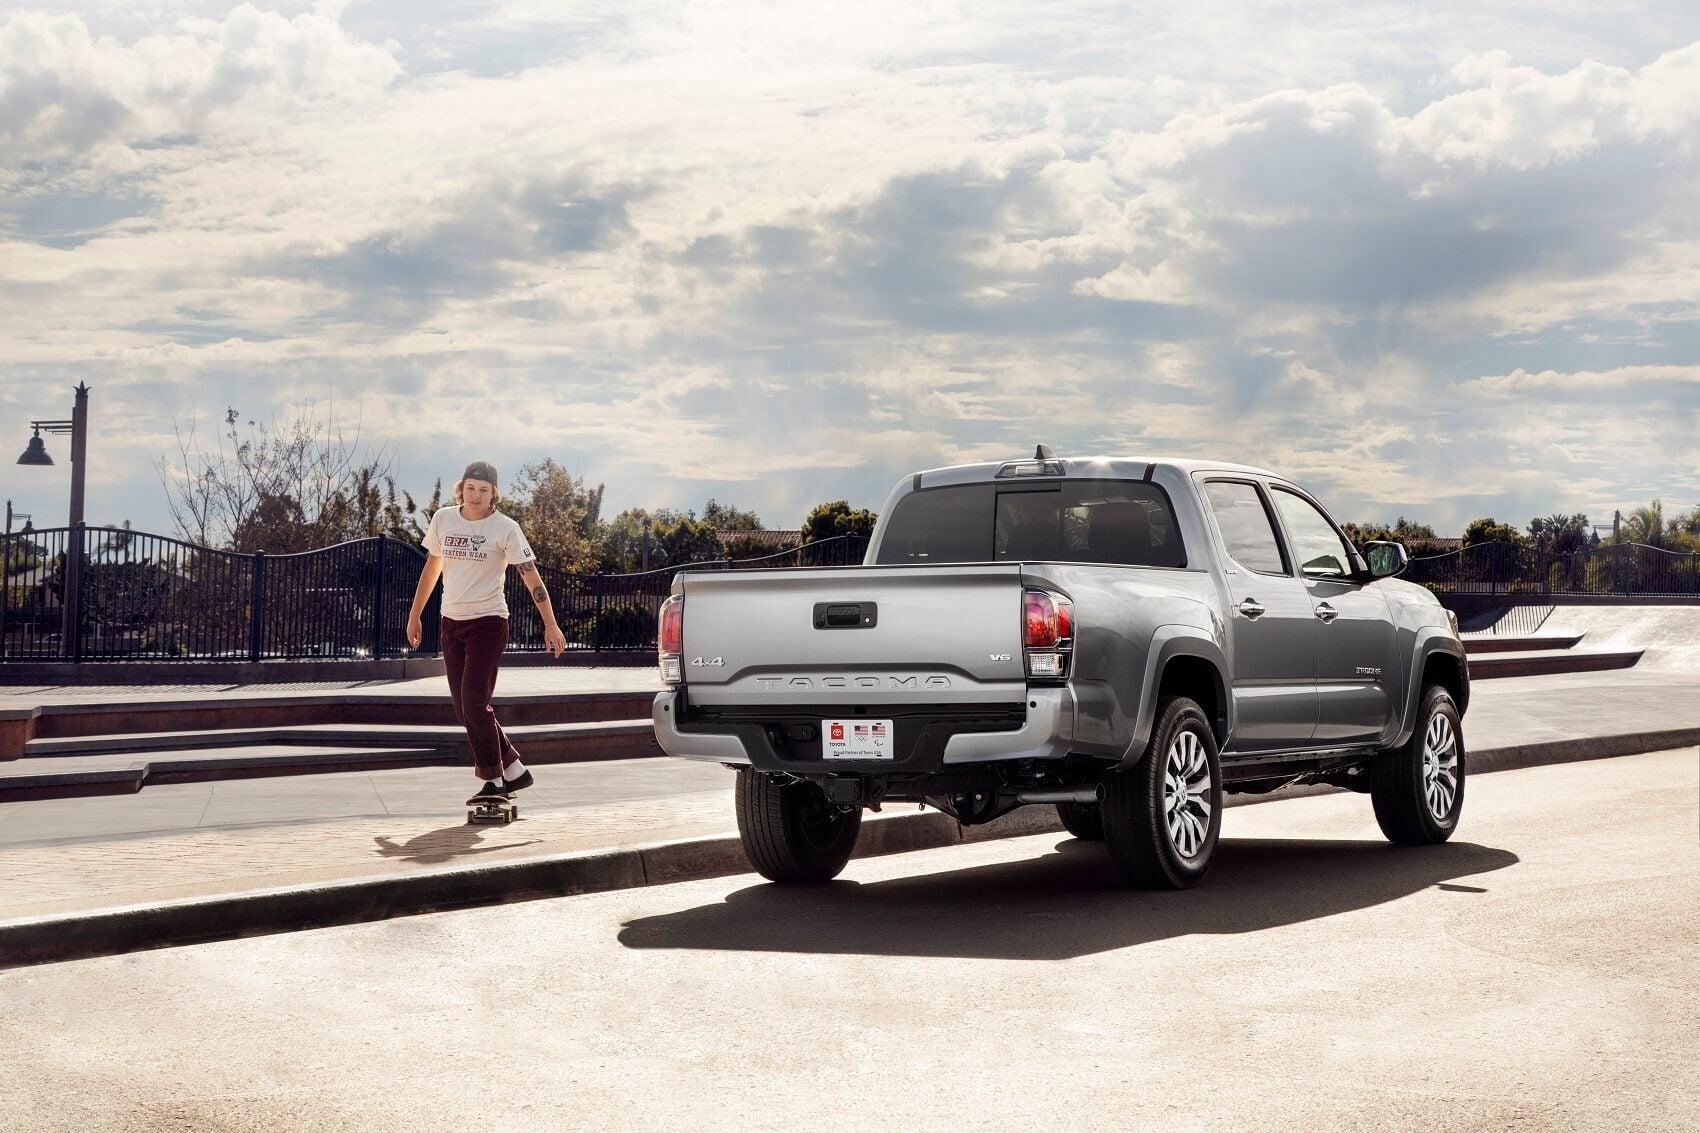 Certified Pre-Owned Toyota Dealer near Marysville PA